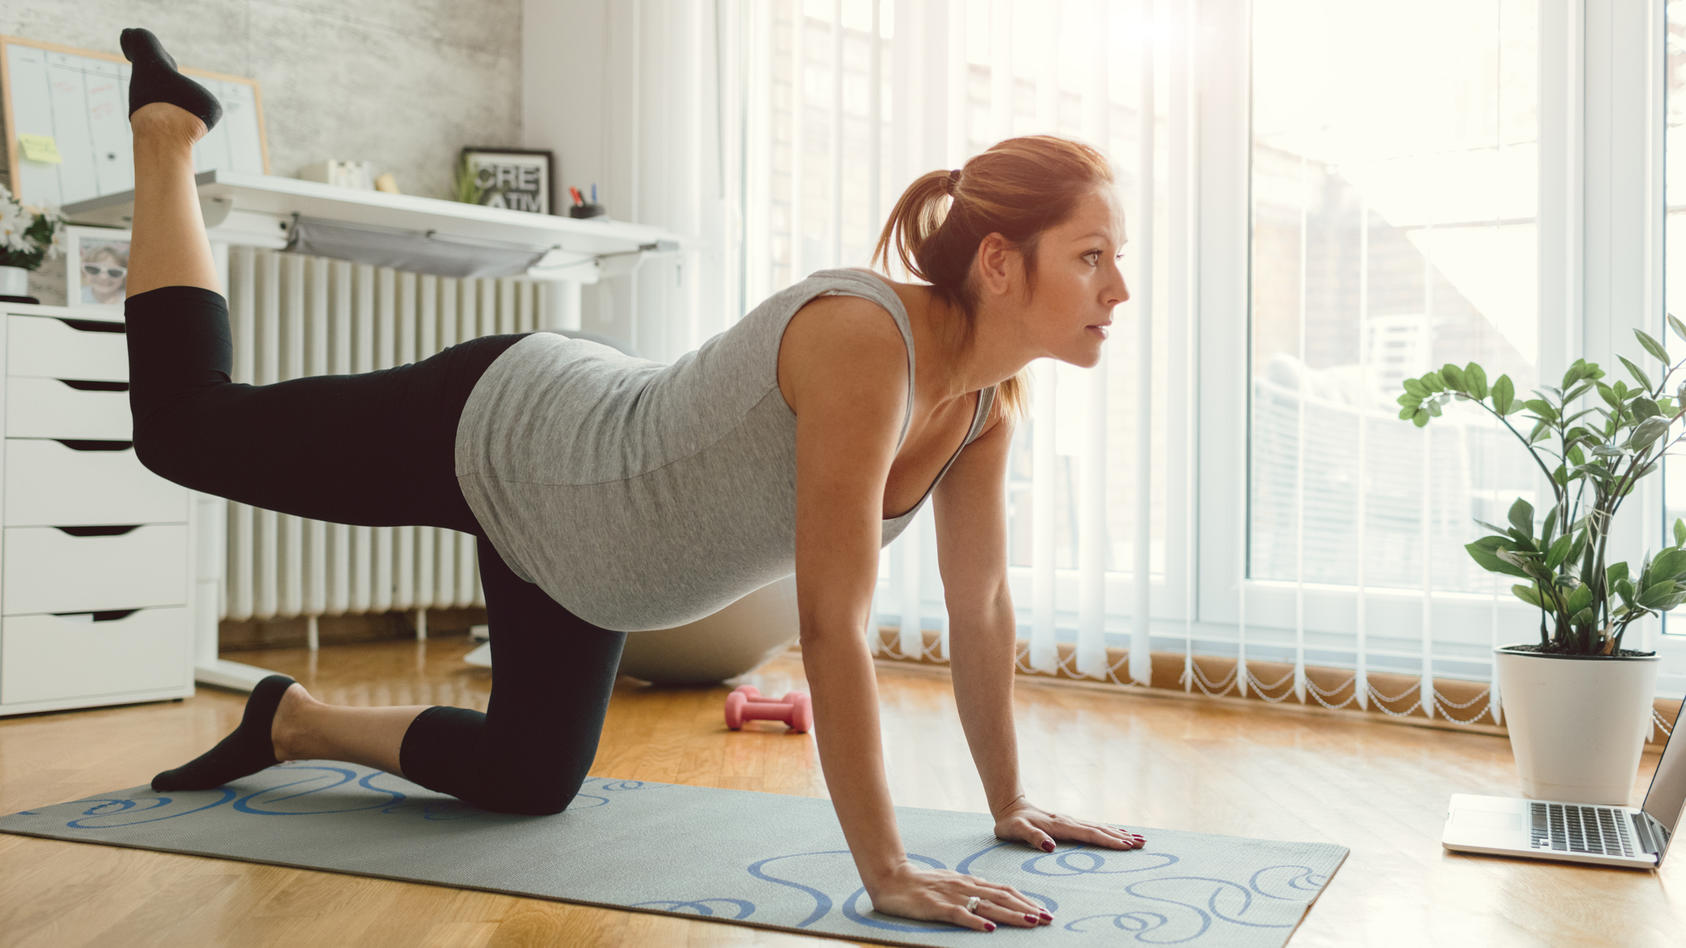 Zu einer guten Geburtsvorbereitung gehören auch ein paar sportliche Übungen.